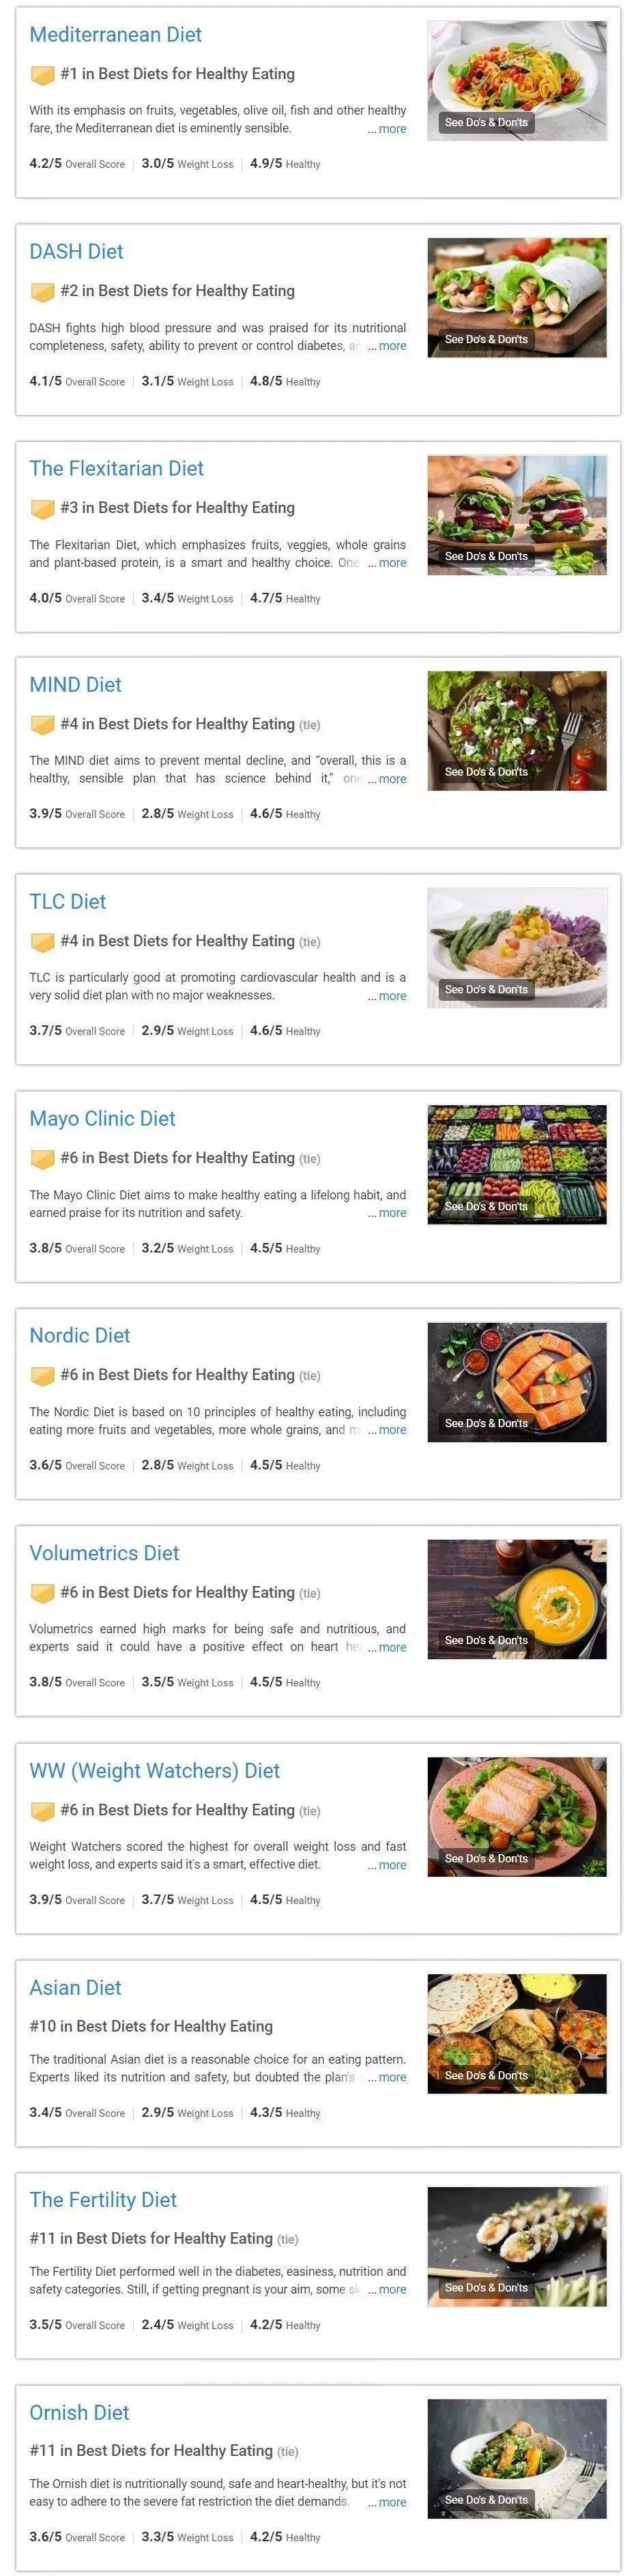 美2020最佳饮食排行榜出炉:蝉联冠军的饮食方法有什么奥秘? 减脂食谱 第1张